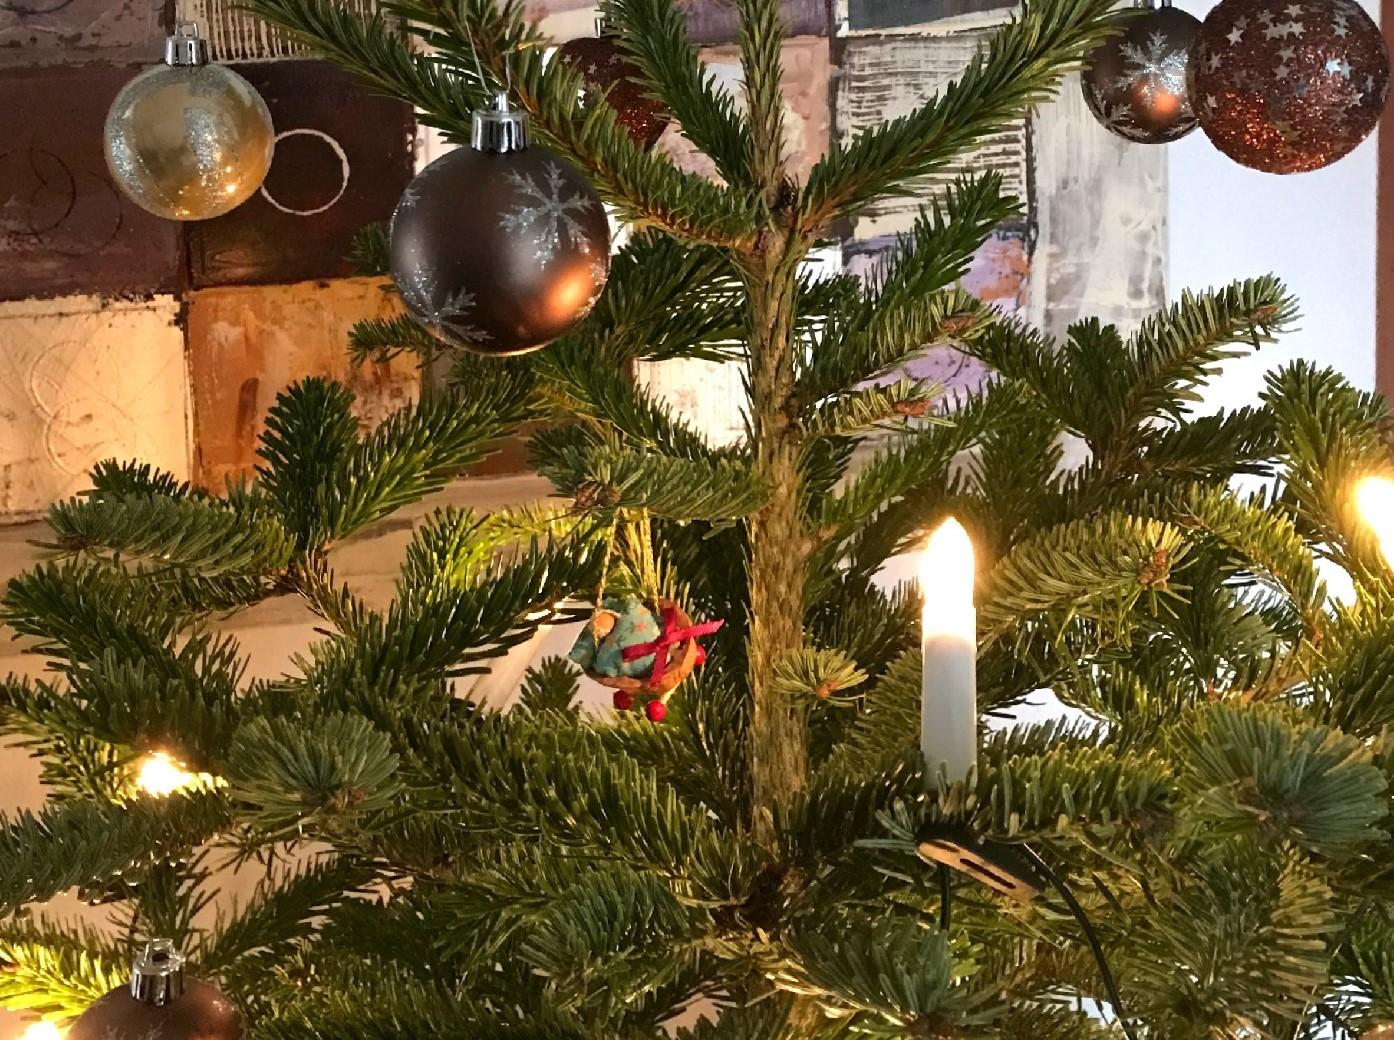 Weihnachtsbaum 2 17.jpeg